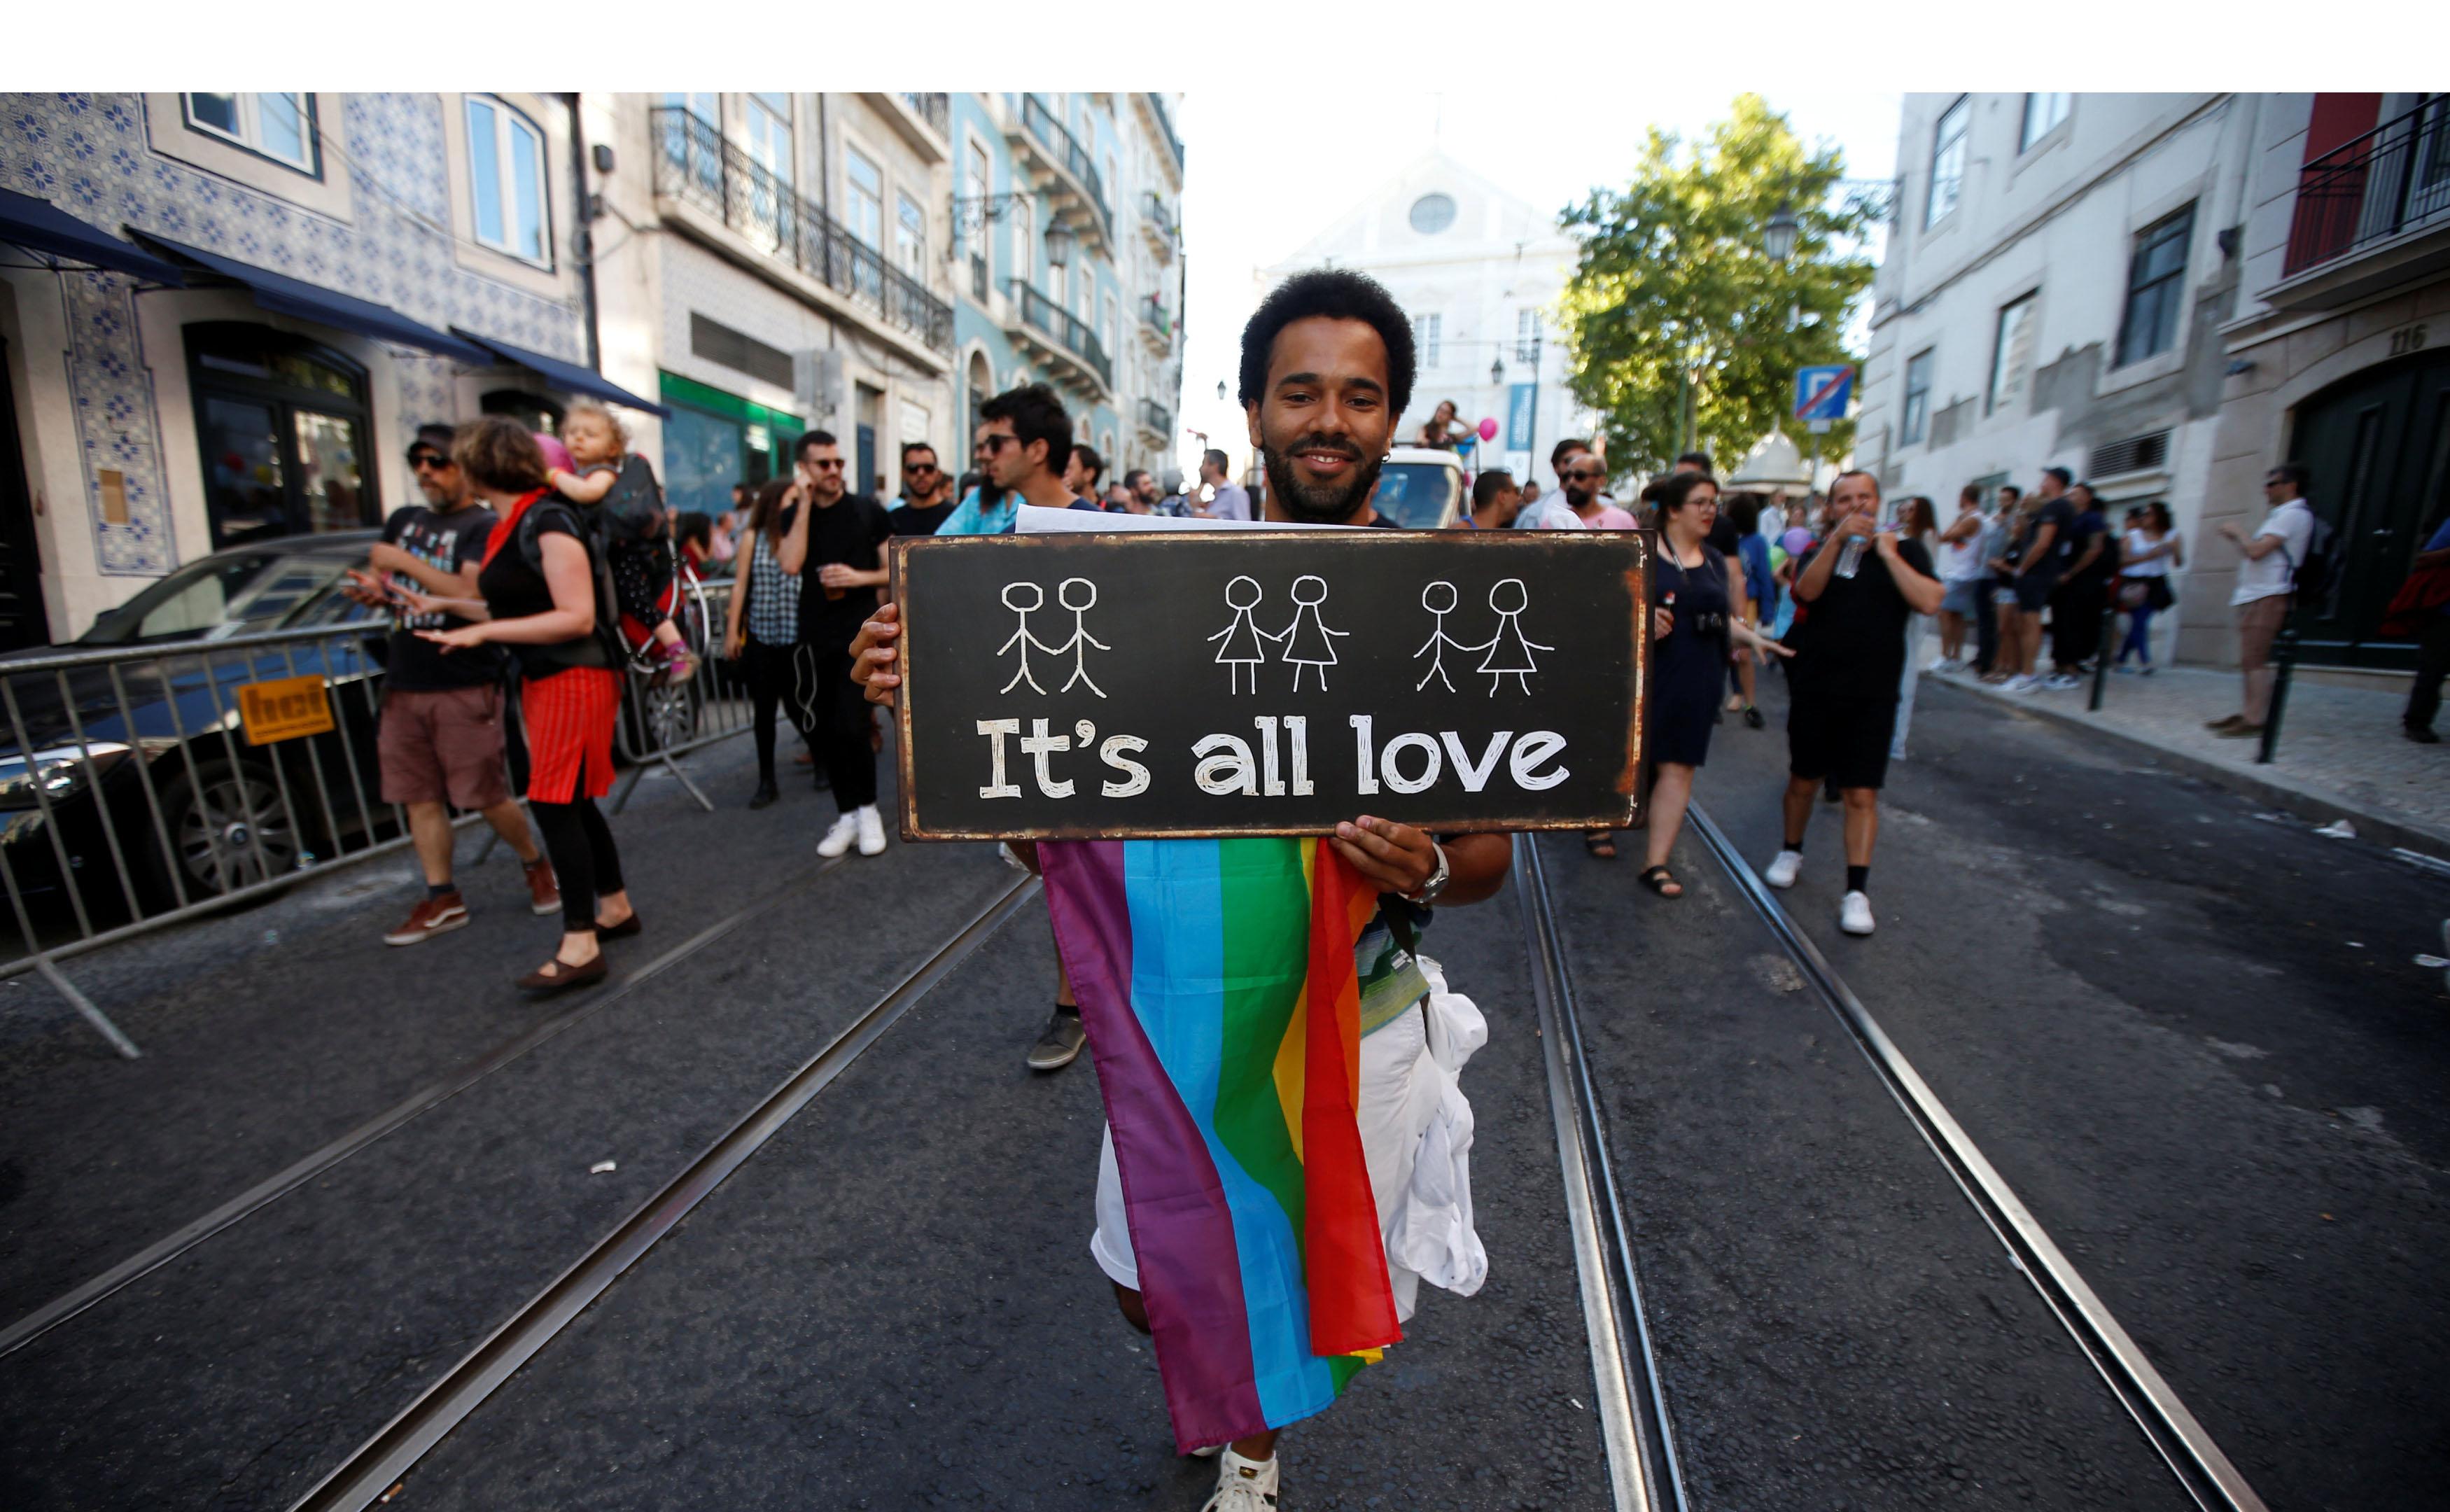 La comunidad LGBT del mundo entero celebra este 28 de junio un día en el que la tolerancia y la igualdad son la insignia que representa el amor